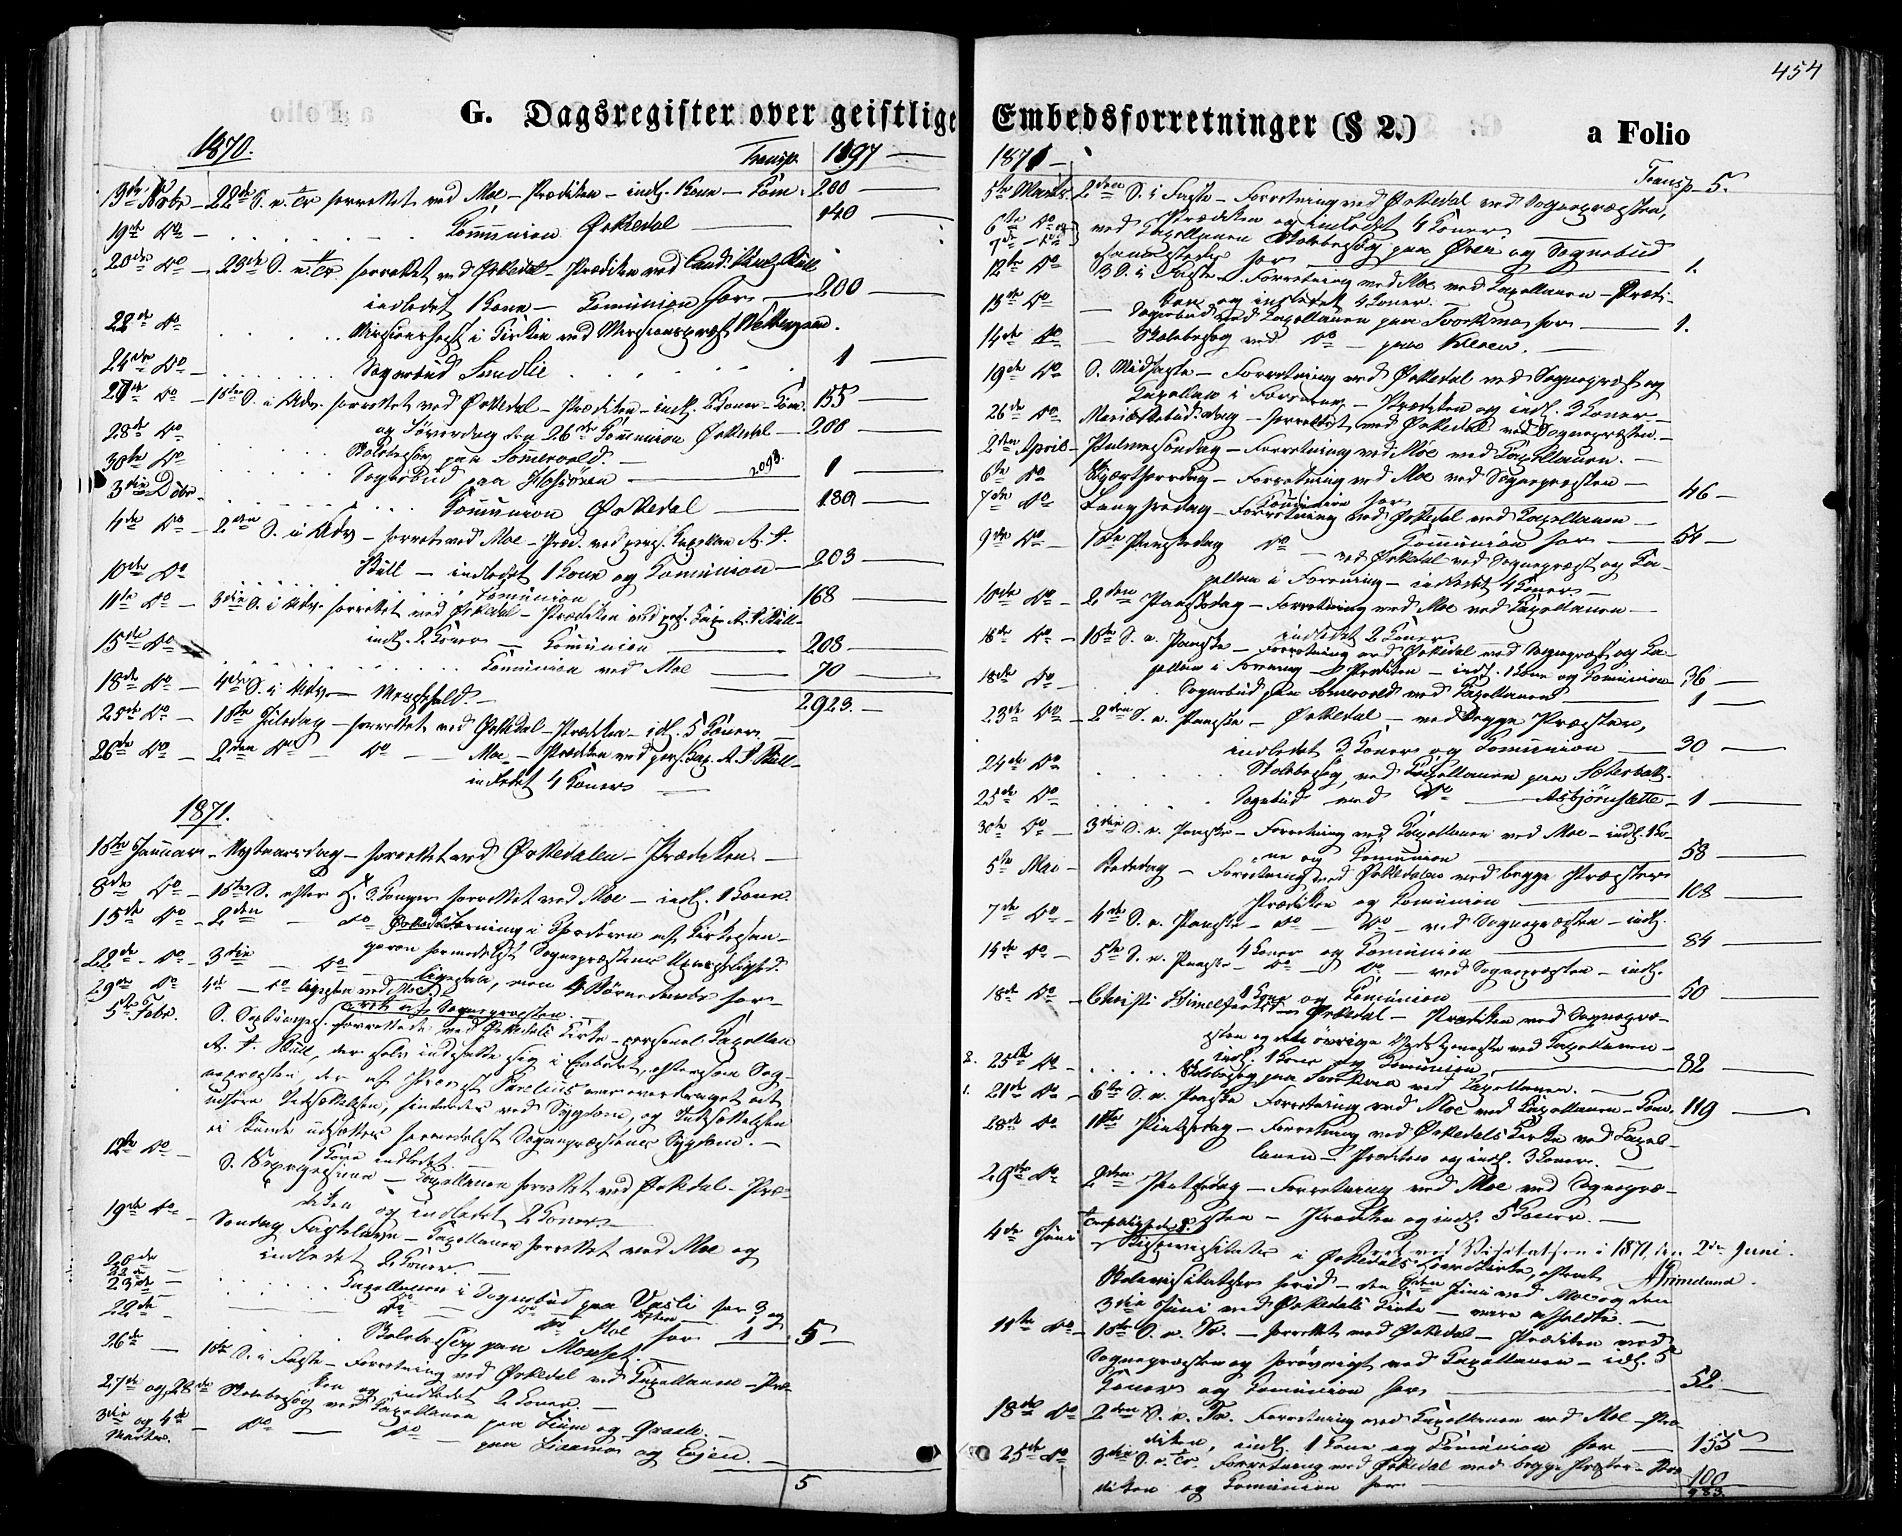 SAT, Ministerialprotokoller, klokkerbøker og fødselsregistre - Sør-Trøndelag, 668/L0807: Ministerialbok nr. 668A07, 1870-1880, s. 454